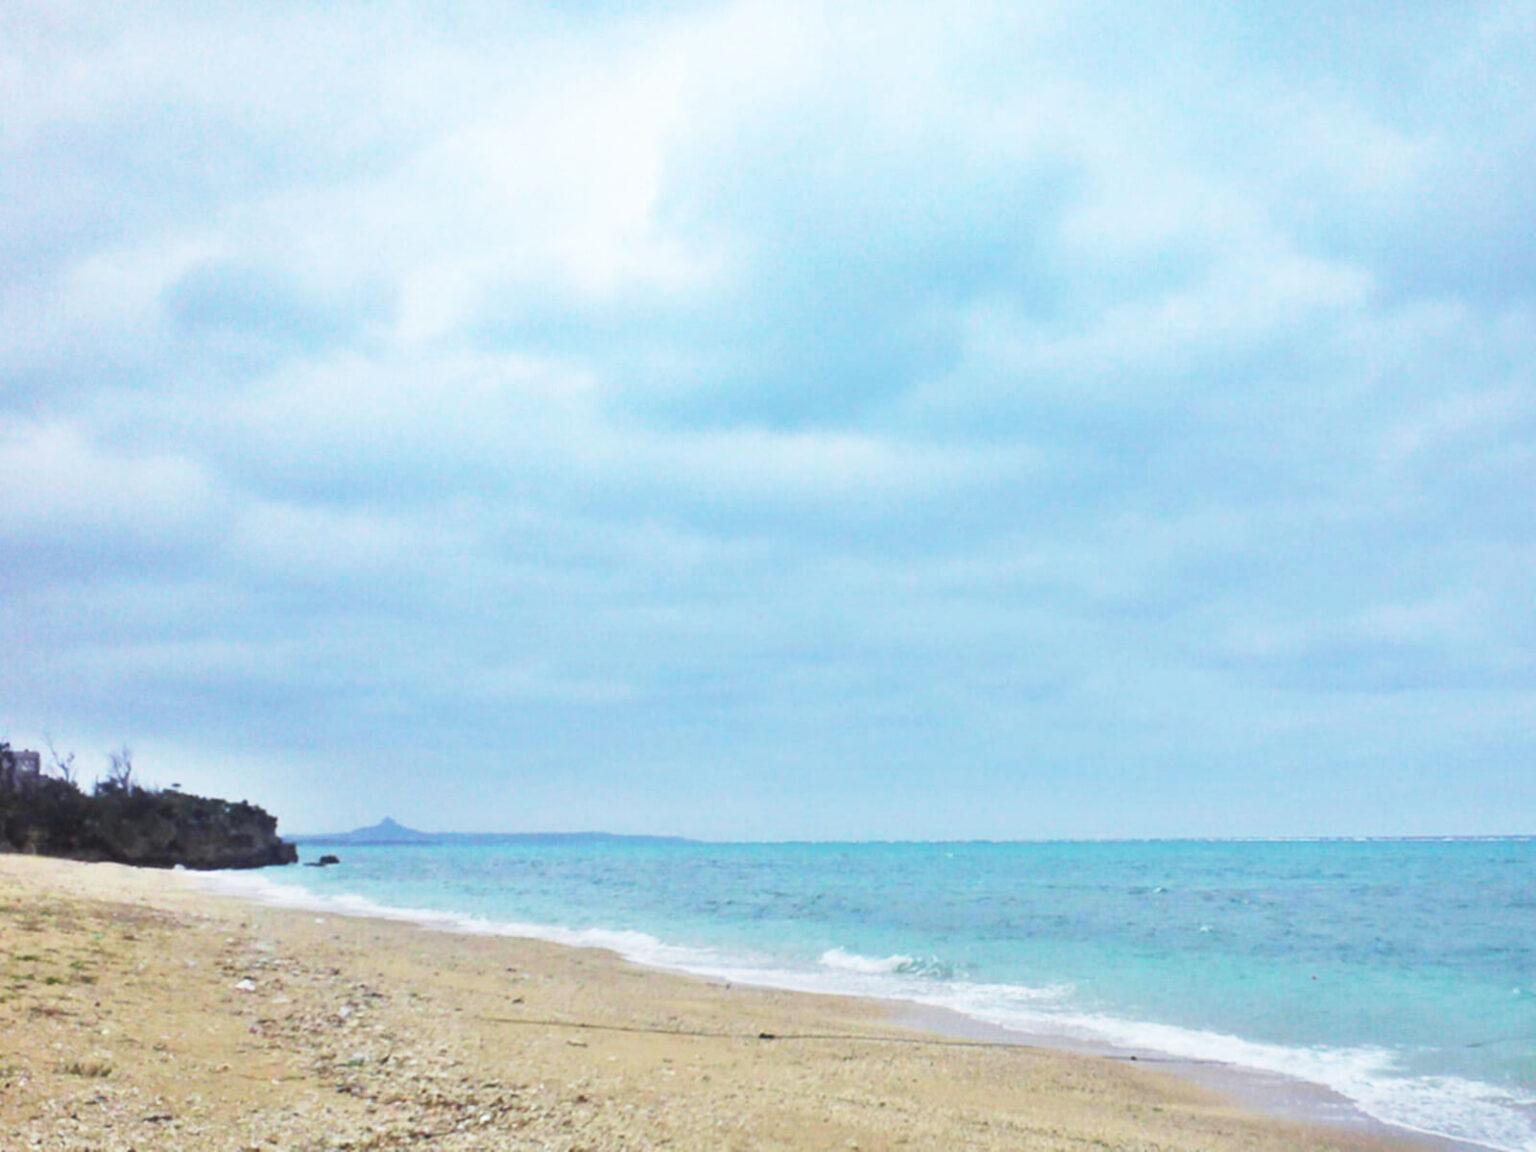 今泊浜(シルバマ)